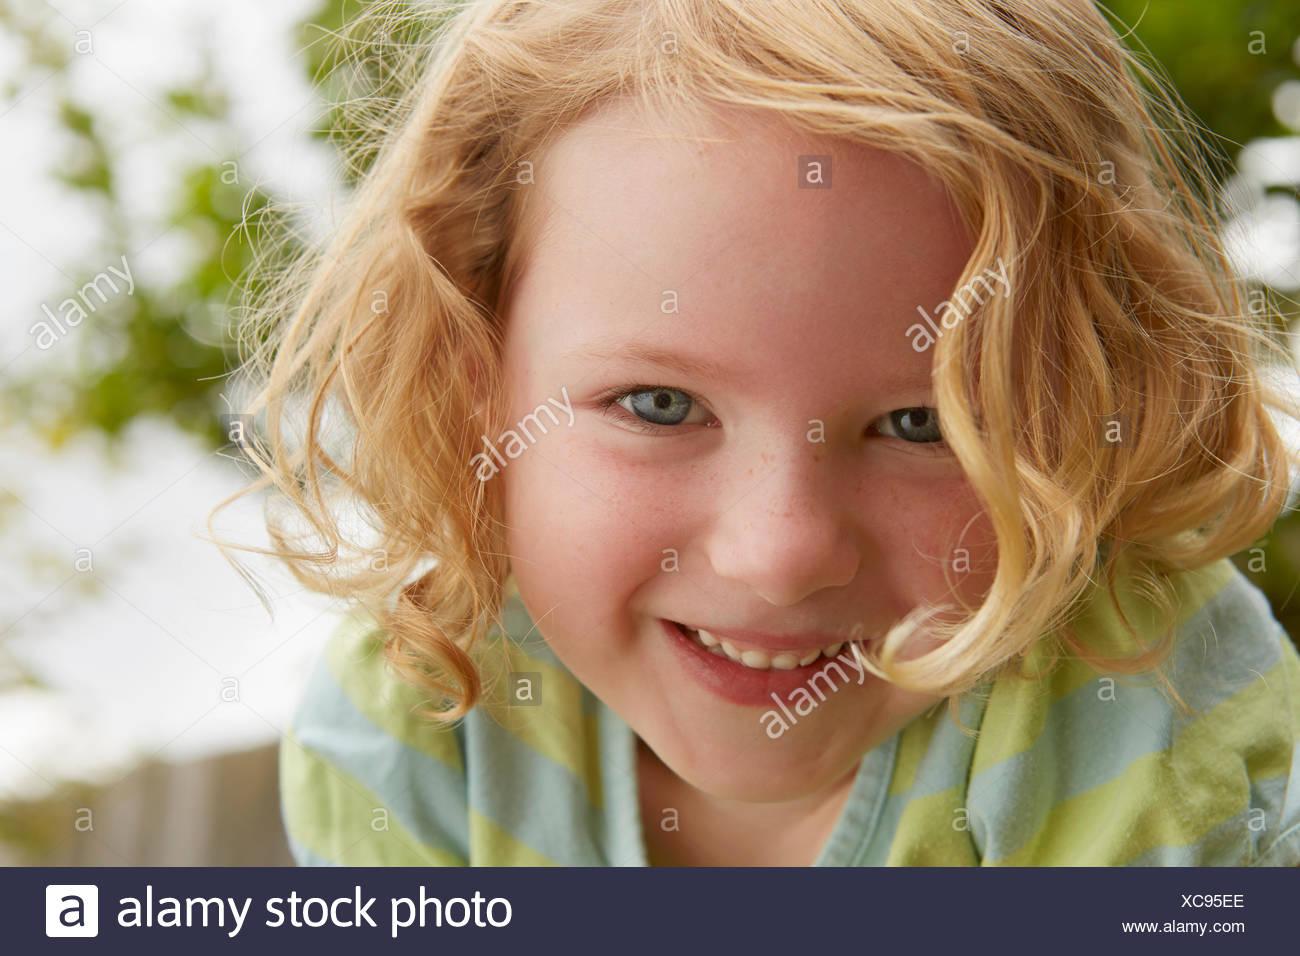 Angolo basso close up ritratto della ragazza carina Immagini Stock